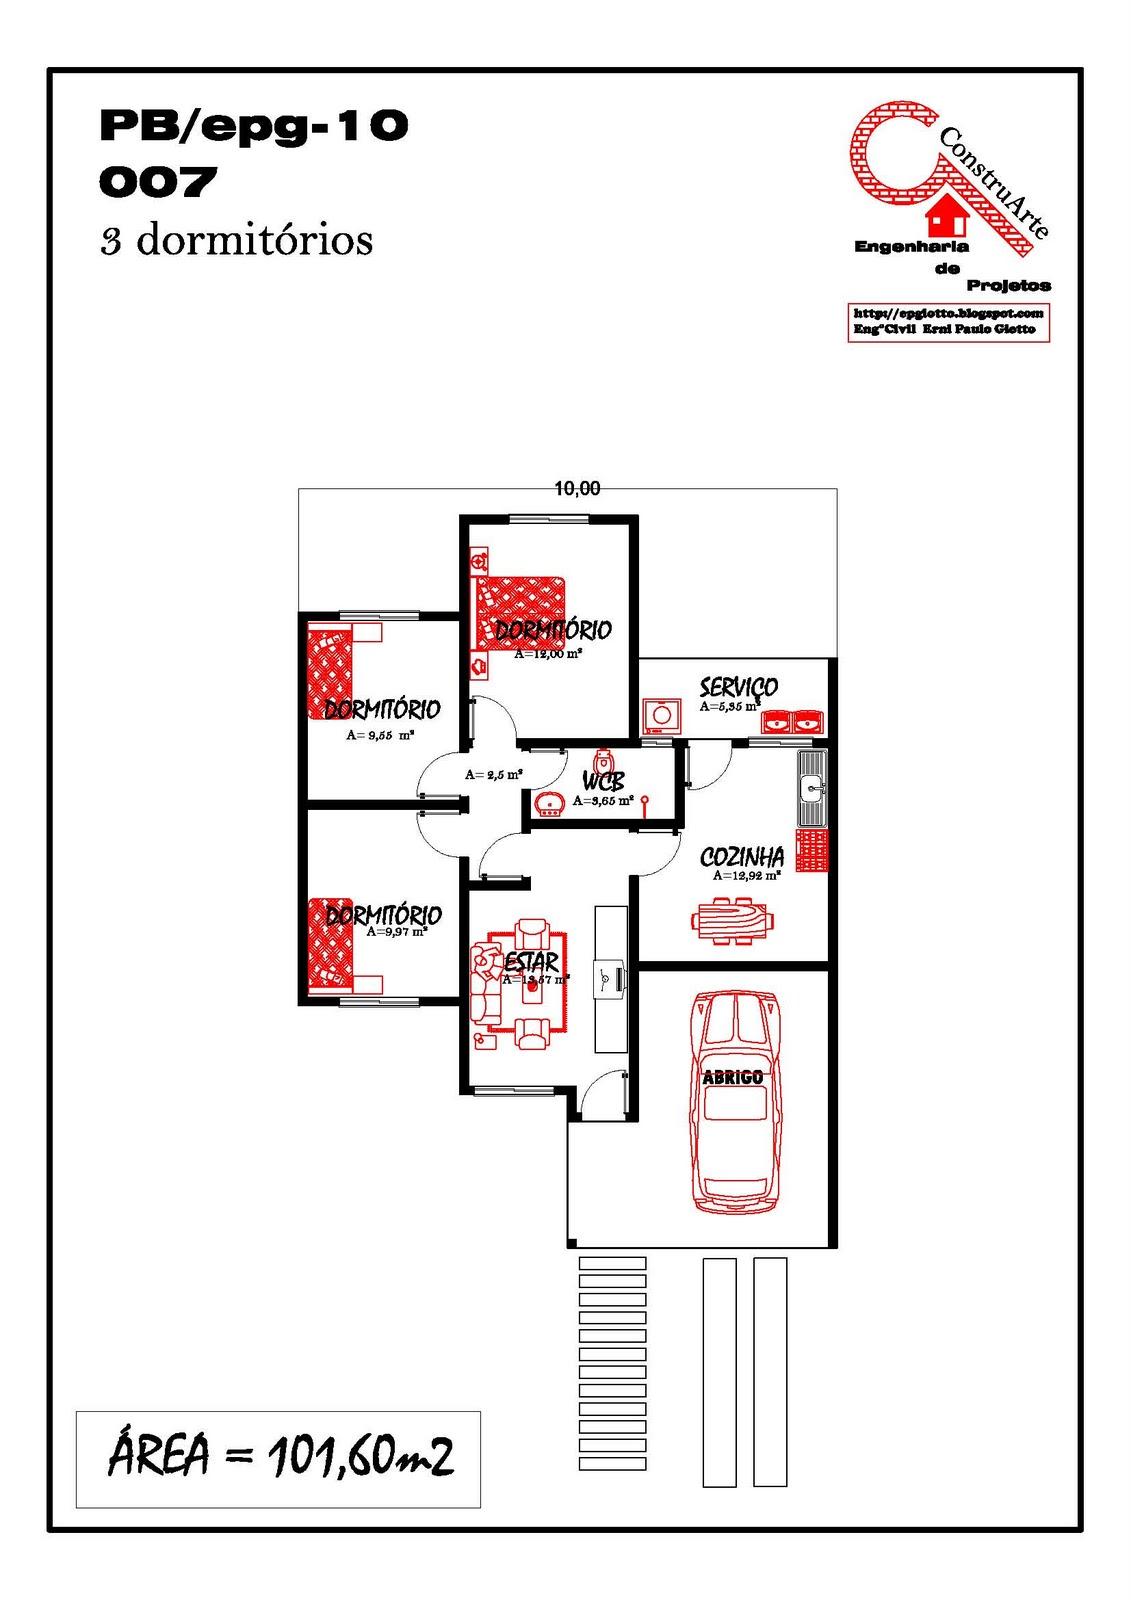 Imagens de #B01B1B Planta Baixa De Casas Terreas 9 Car Interior Design 1131x1600 px 3412 Bloco Cad Banheiro Planta Baixa